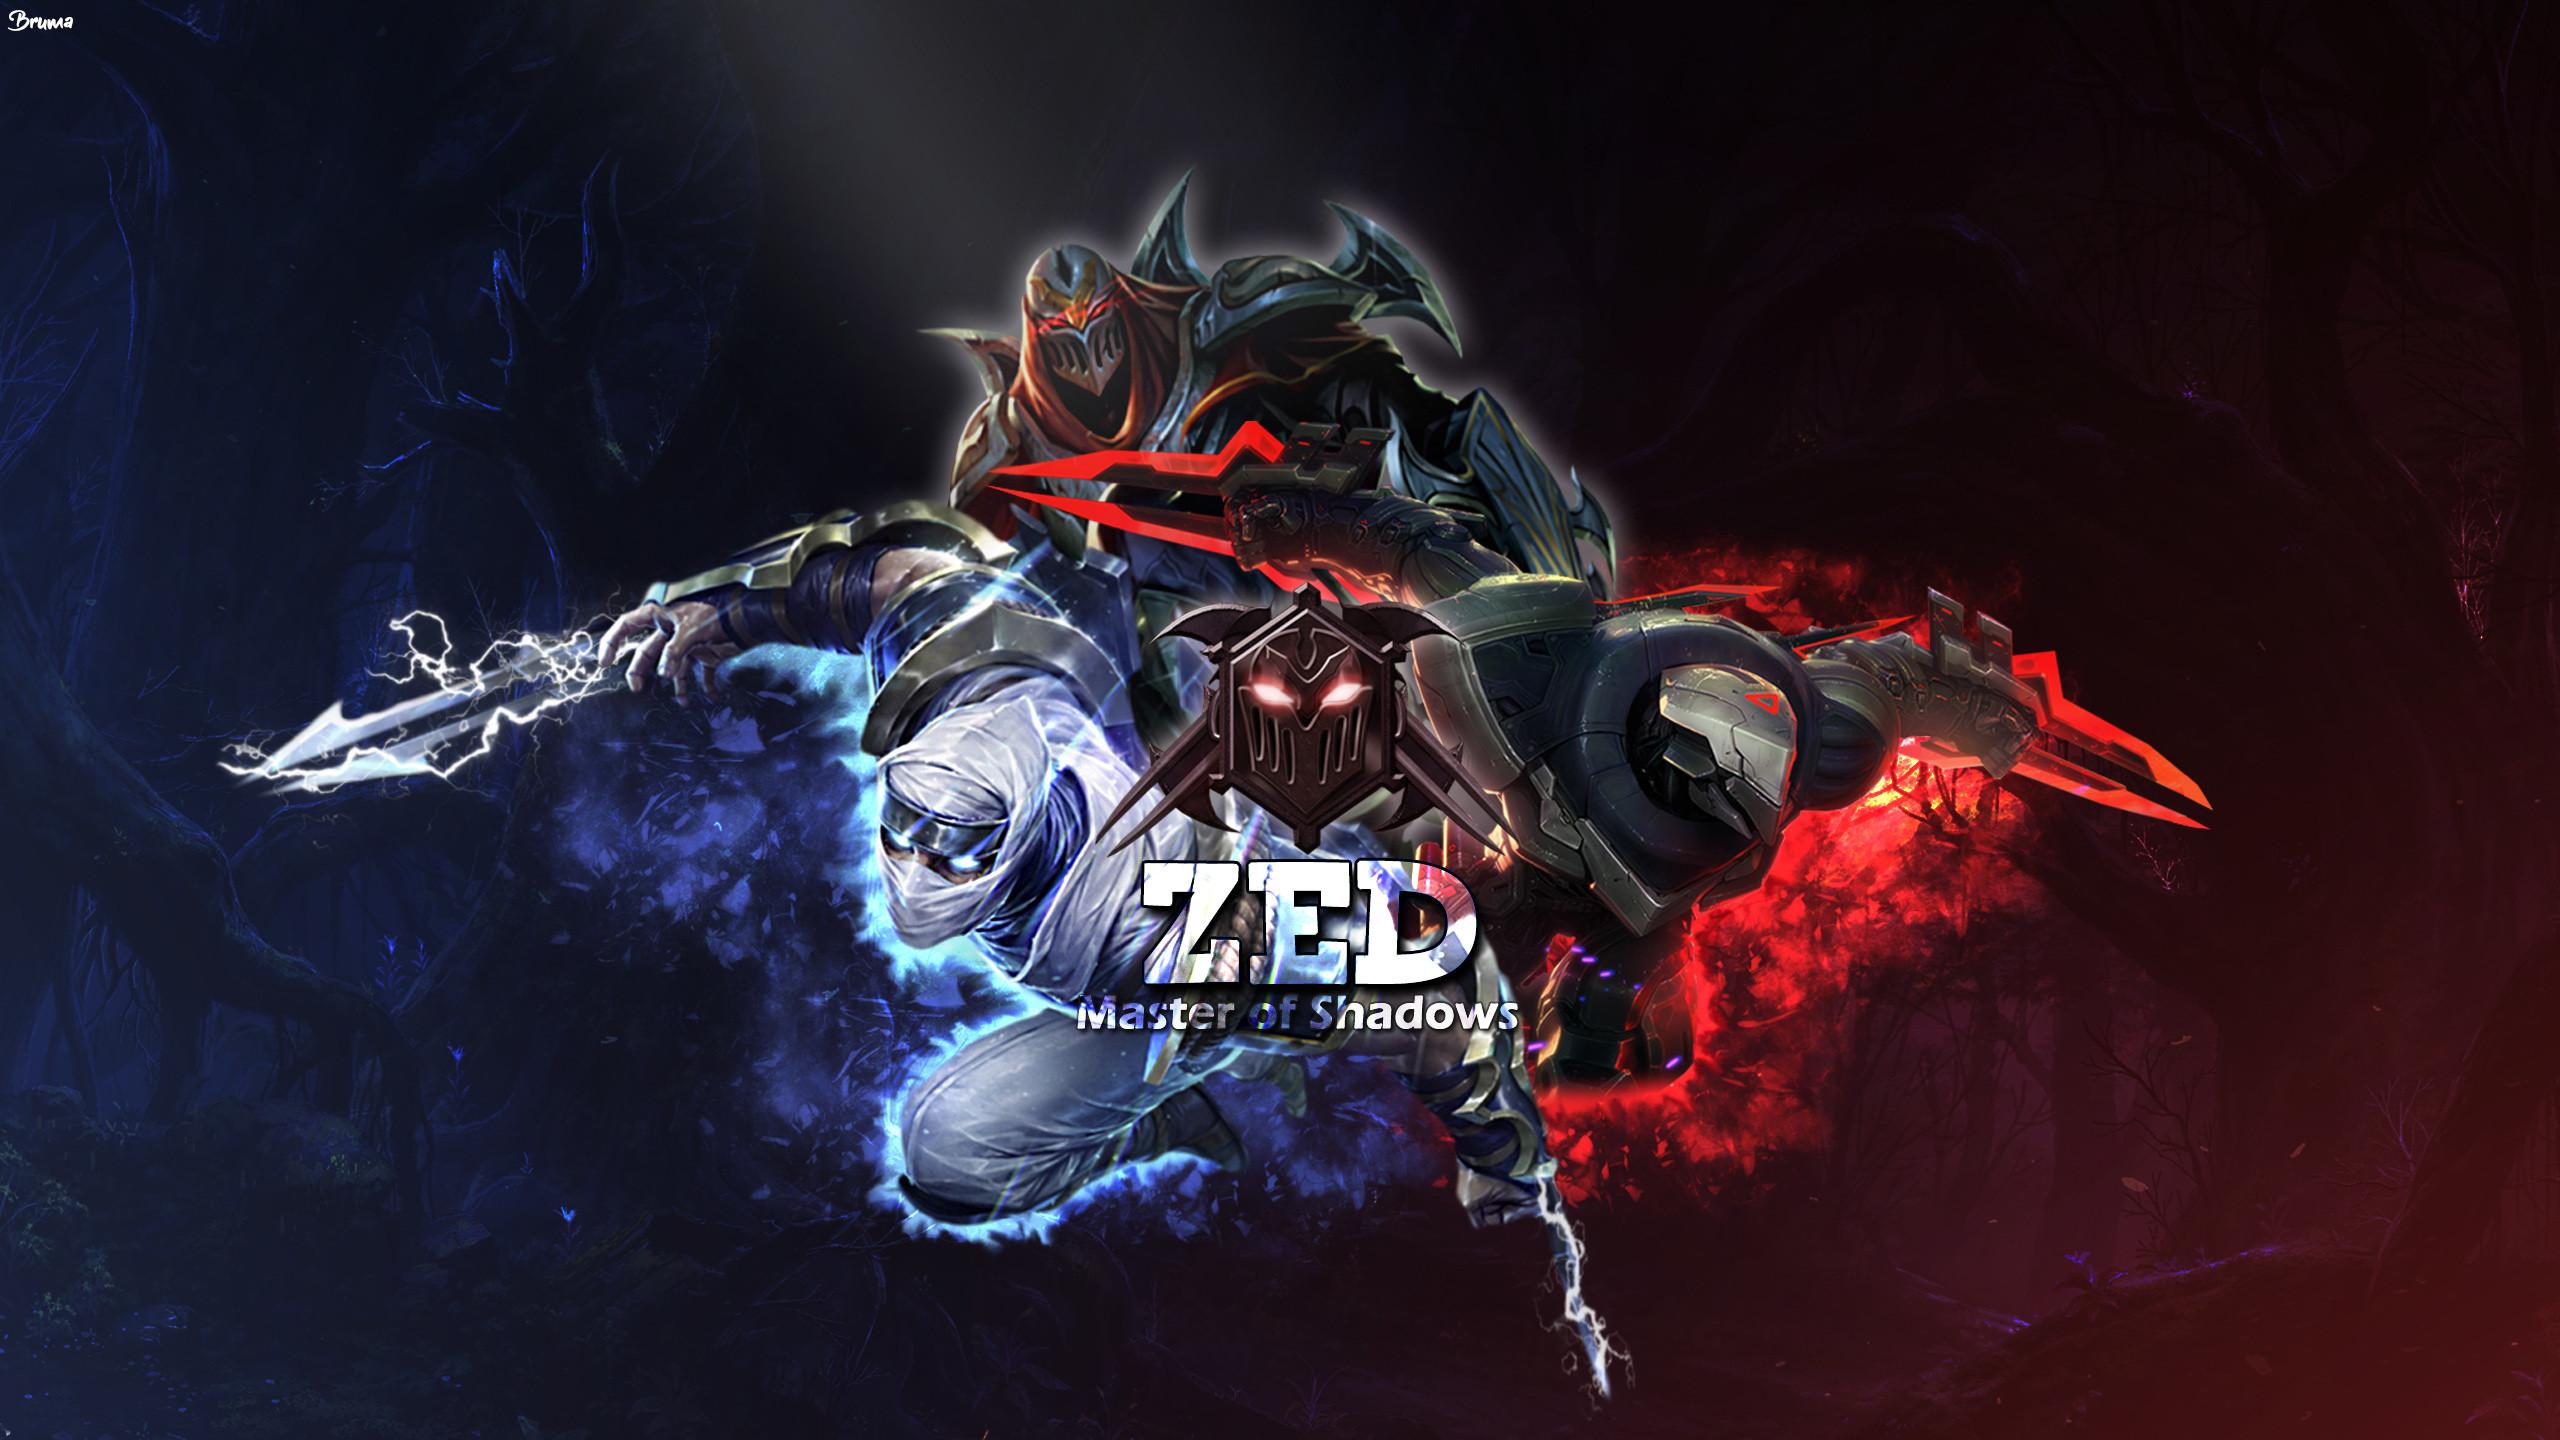 2560x1440 PROJECT Zed Shockblade Classic By Brumskyy HD Wallpaper Fan Art Artwork